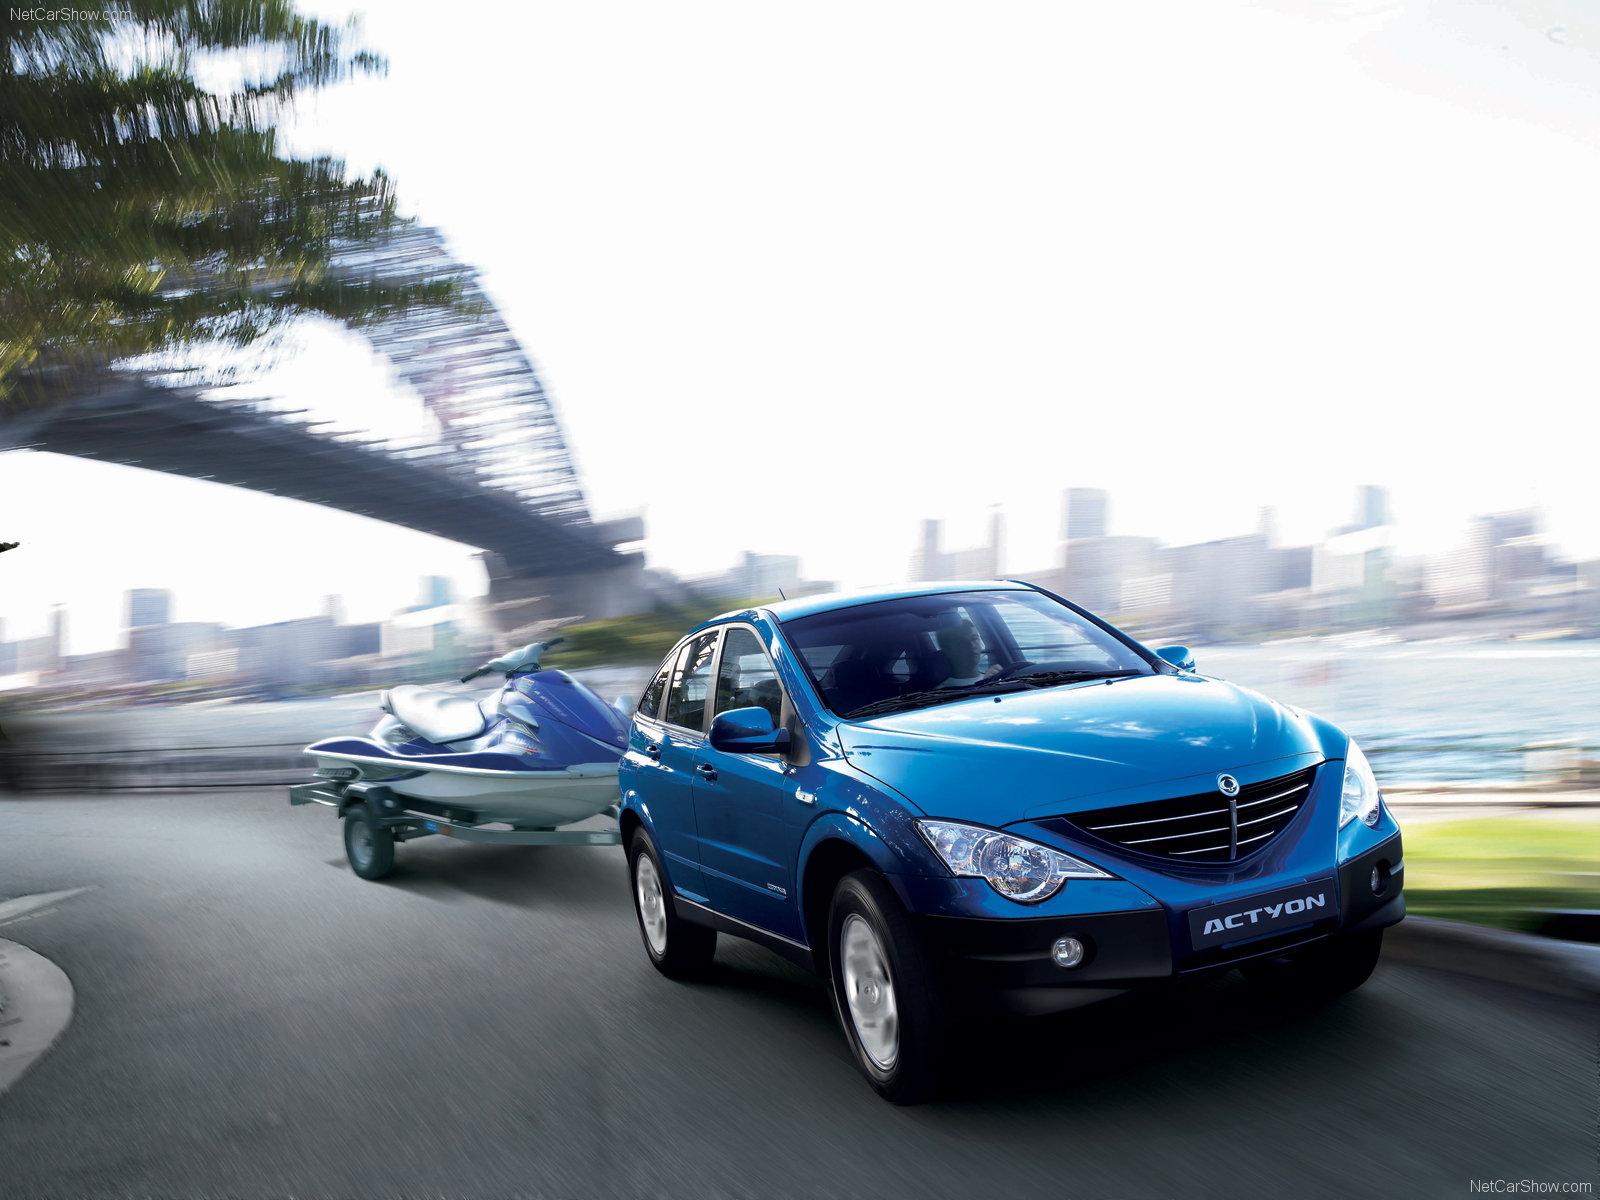 Hình ảnh xe ô tô SsangYong Actyon 2006 & nội ngoại thất